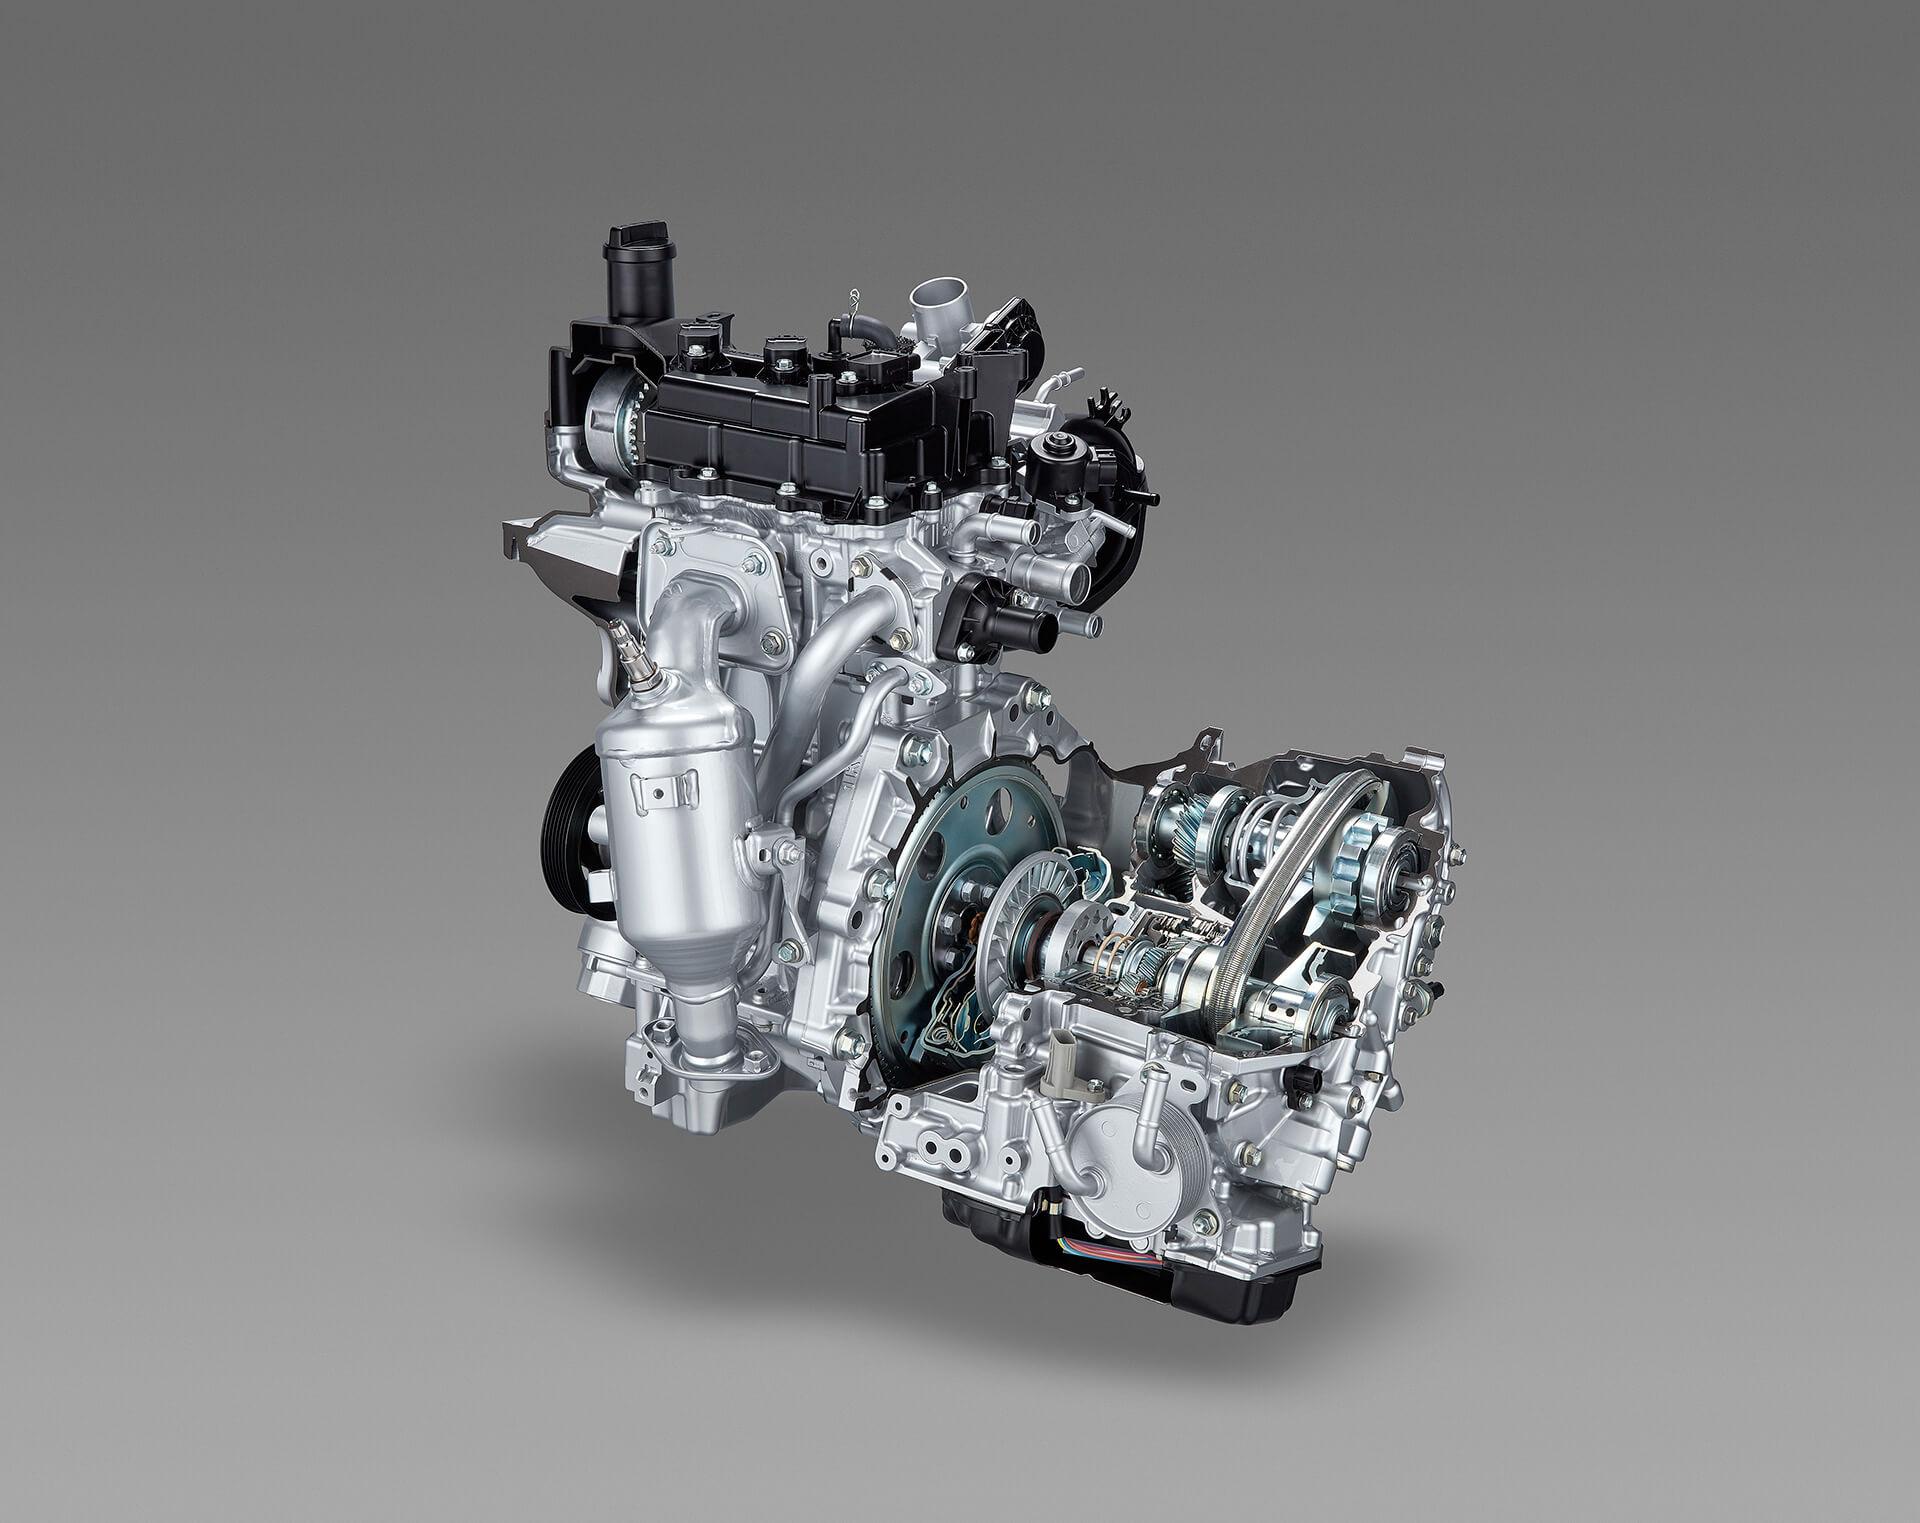 トヨタ ヤリス 1KR-FE エンジン